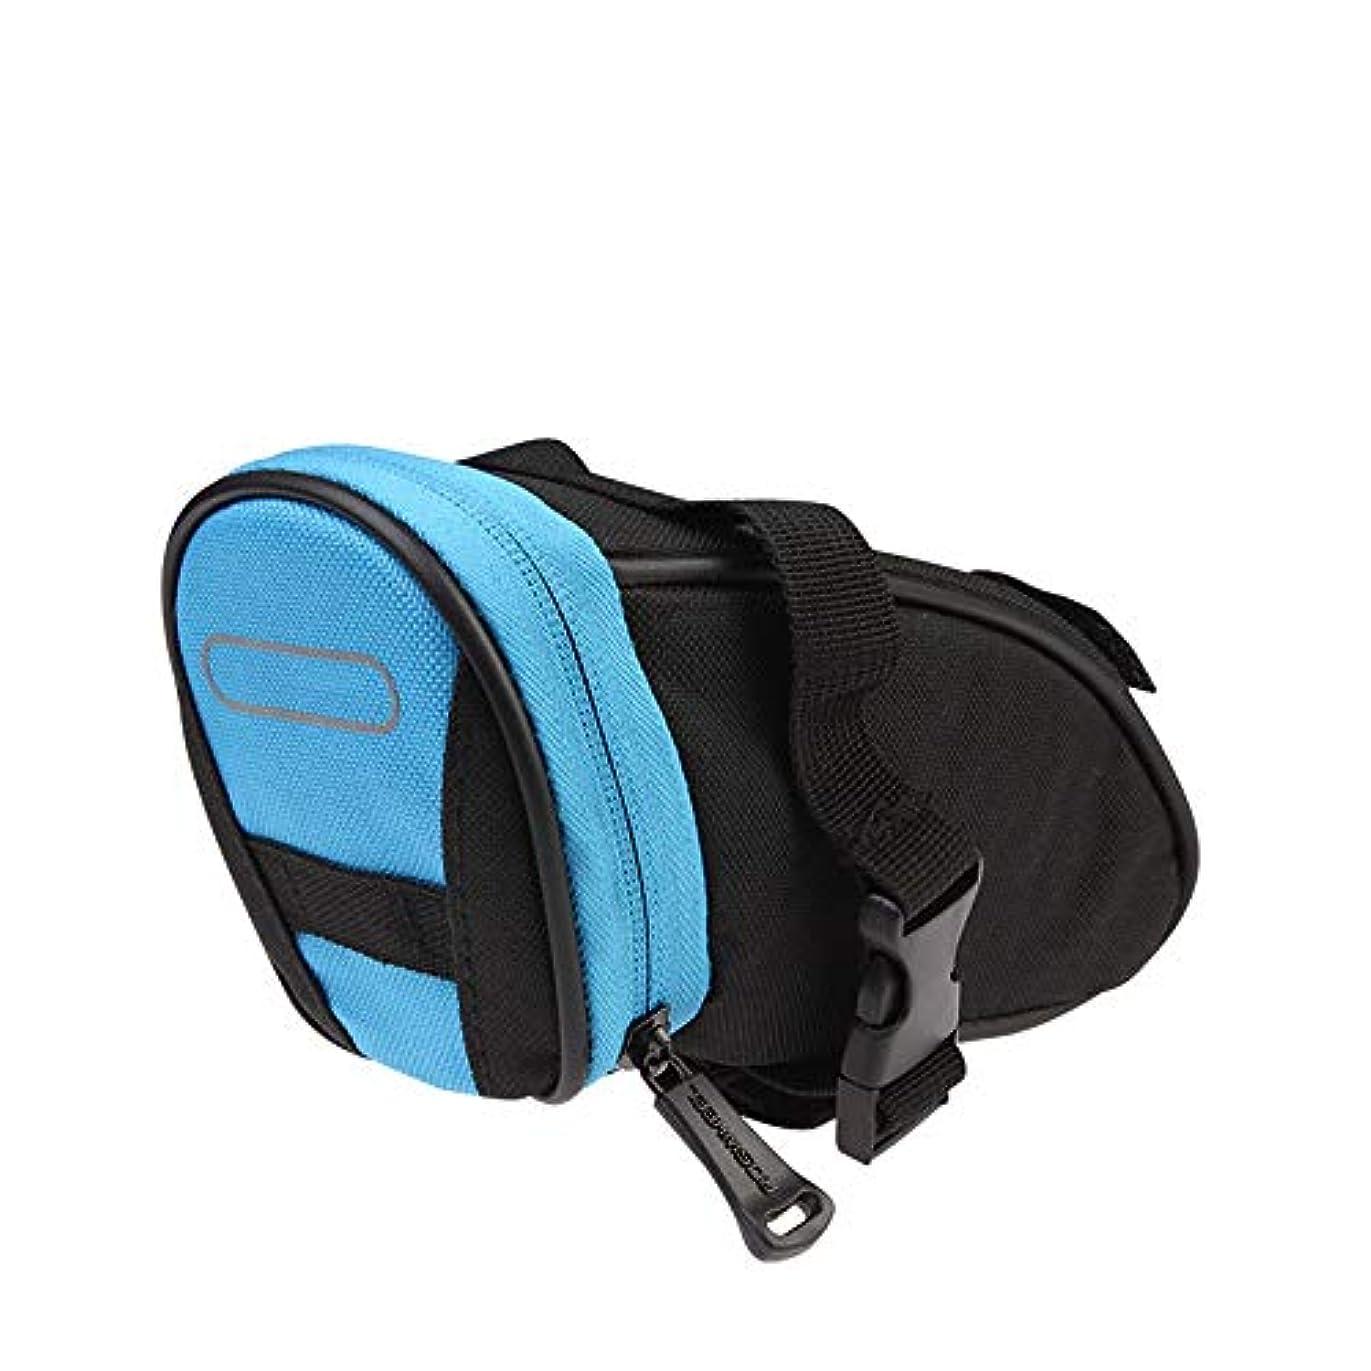 不適当伝統解任自転車シートパックバッグ マウンテンロードバイクブラック用自転車シートバッグサイクリングシートパック 自転車サドルバッグ (Color : Blue, Size : 15.5*9*8cm)